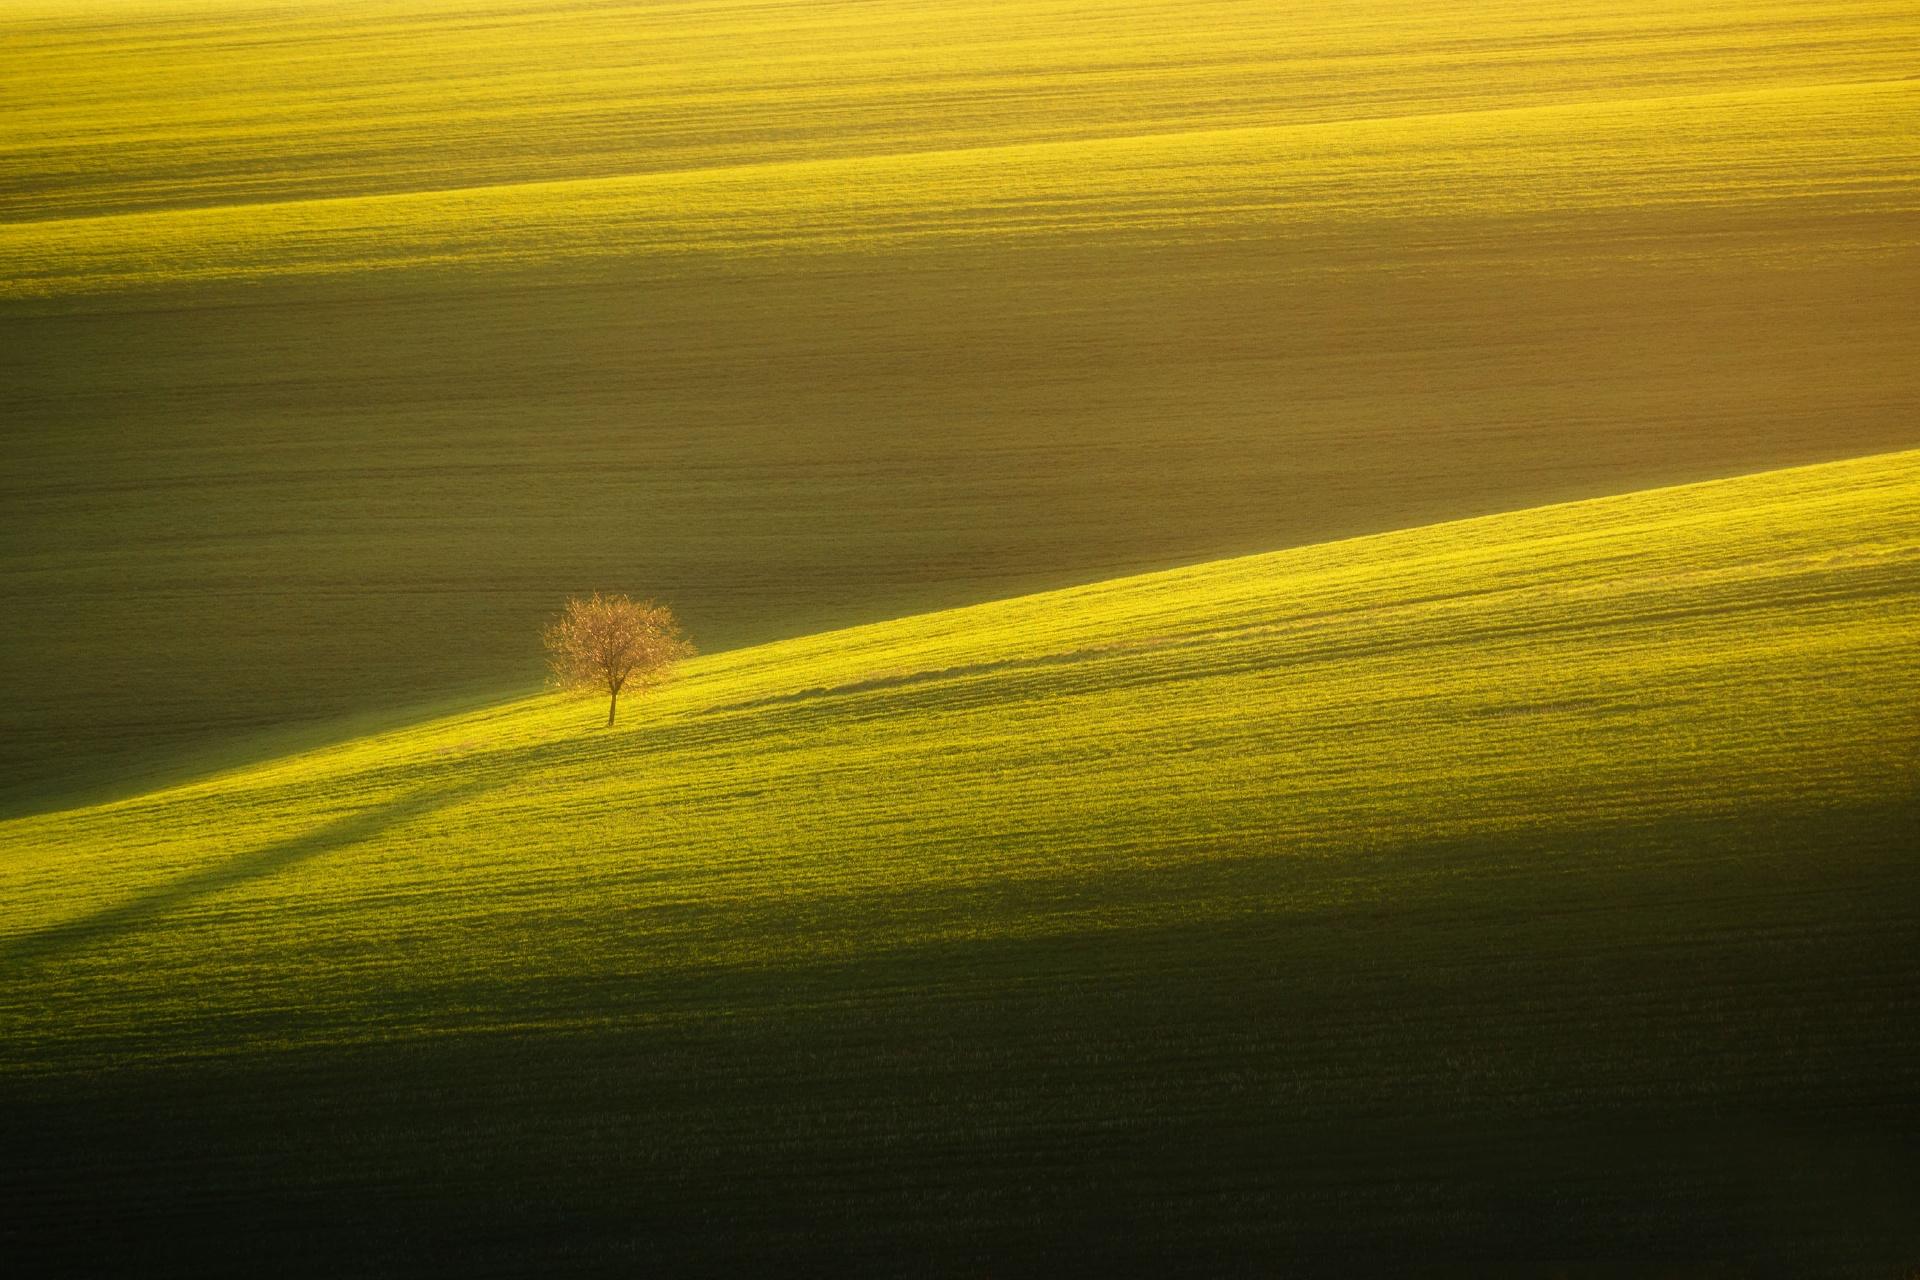 チェコ 春のモラヴィアの風景